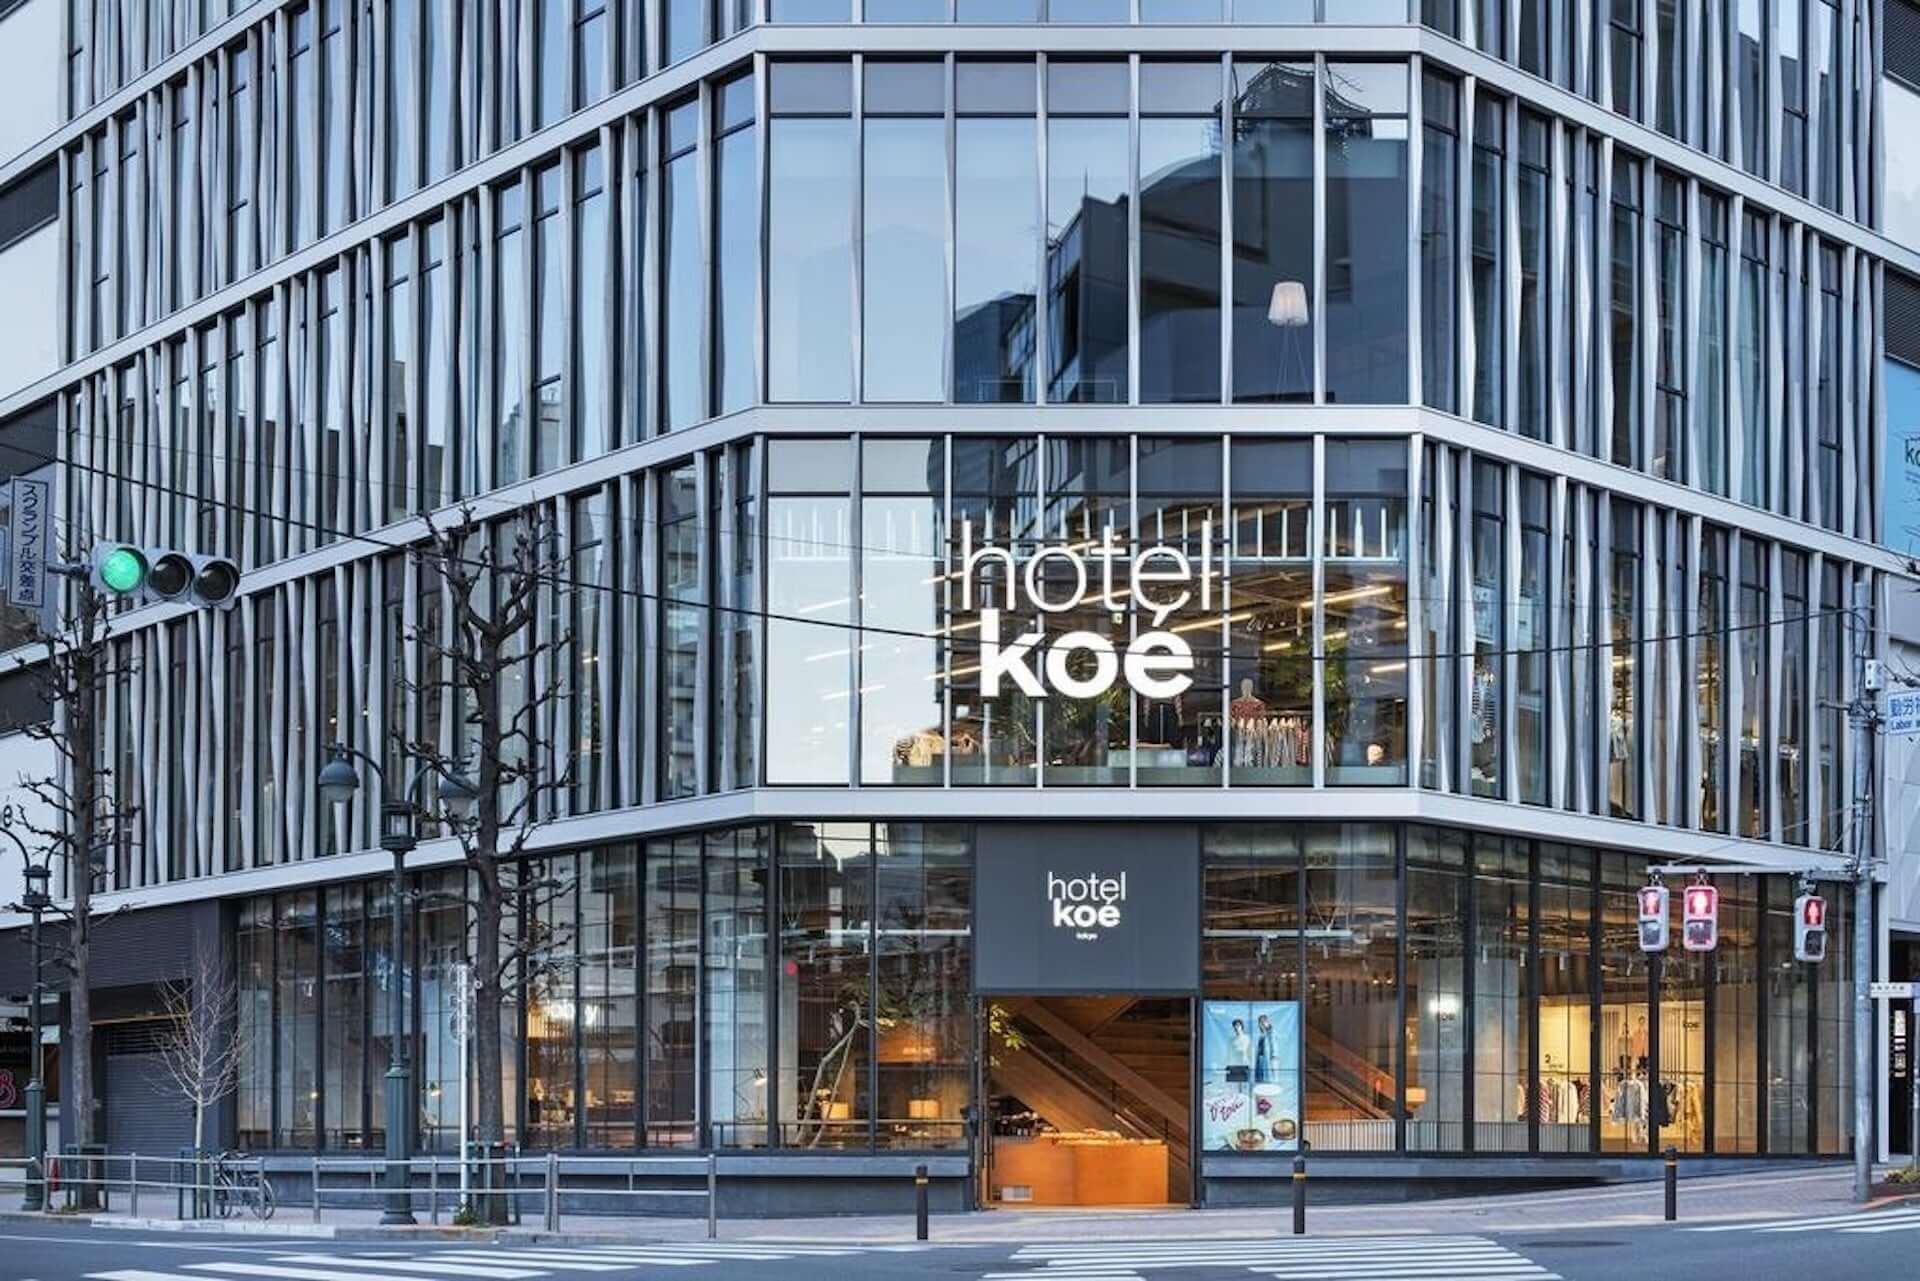 渋谷・hotel koe tokyoのイベントリニューアルに向けたクラウドファンディングがCAMPFIREにて始動!宿泊券などリターン多数 art200706_hotelkoetokyo_1-1920x1281